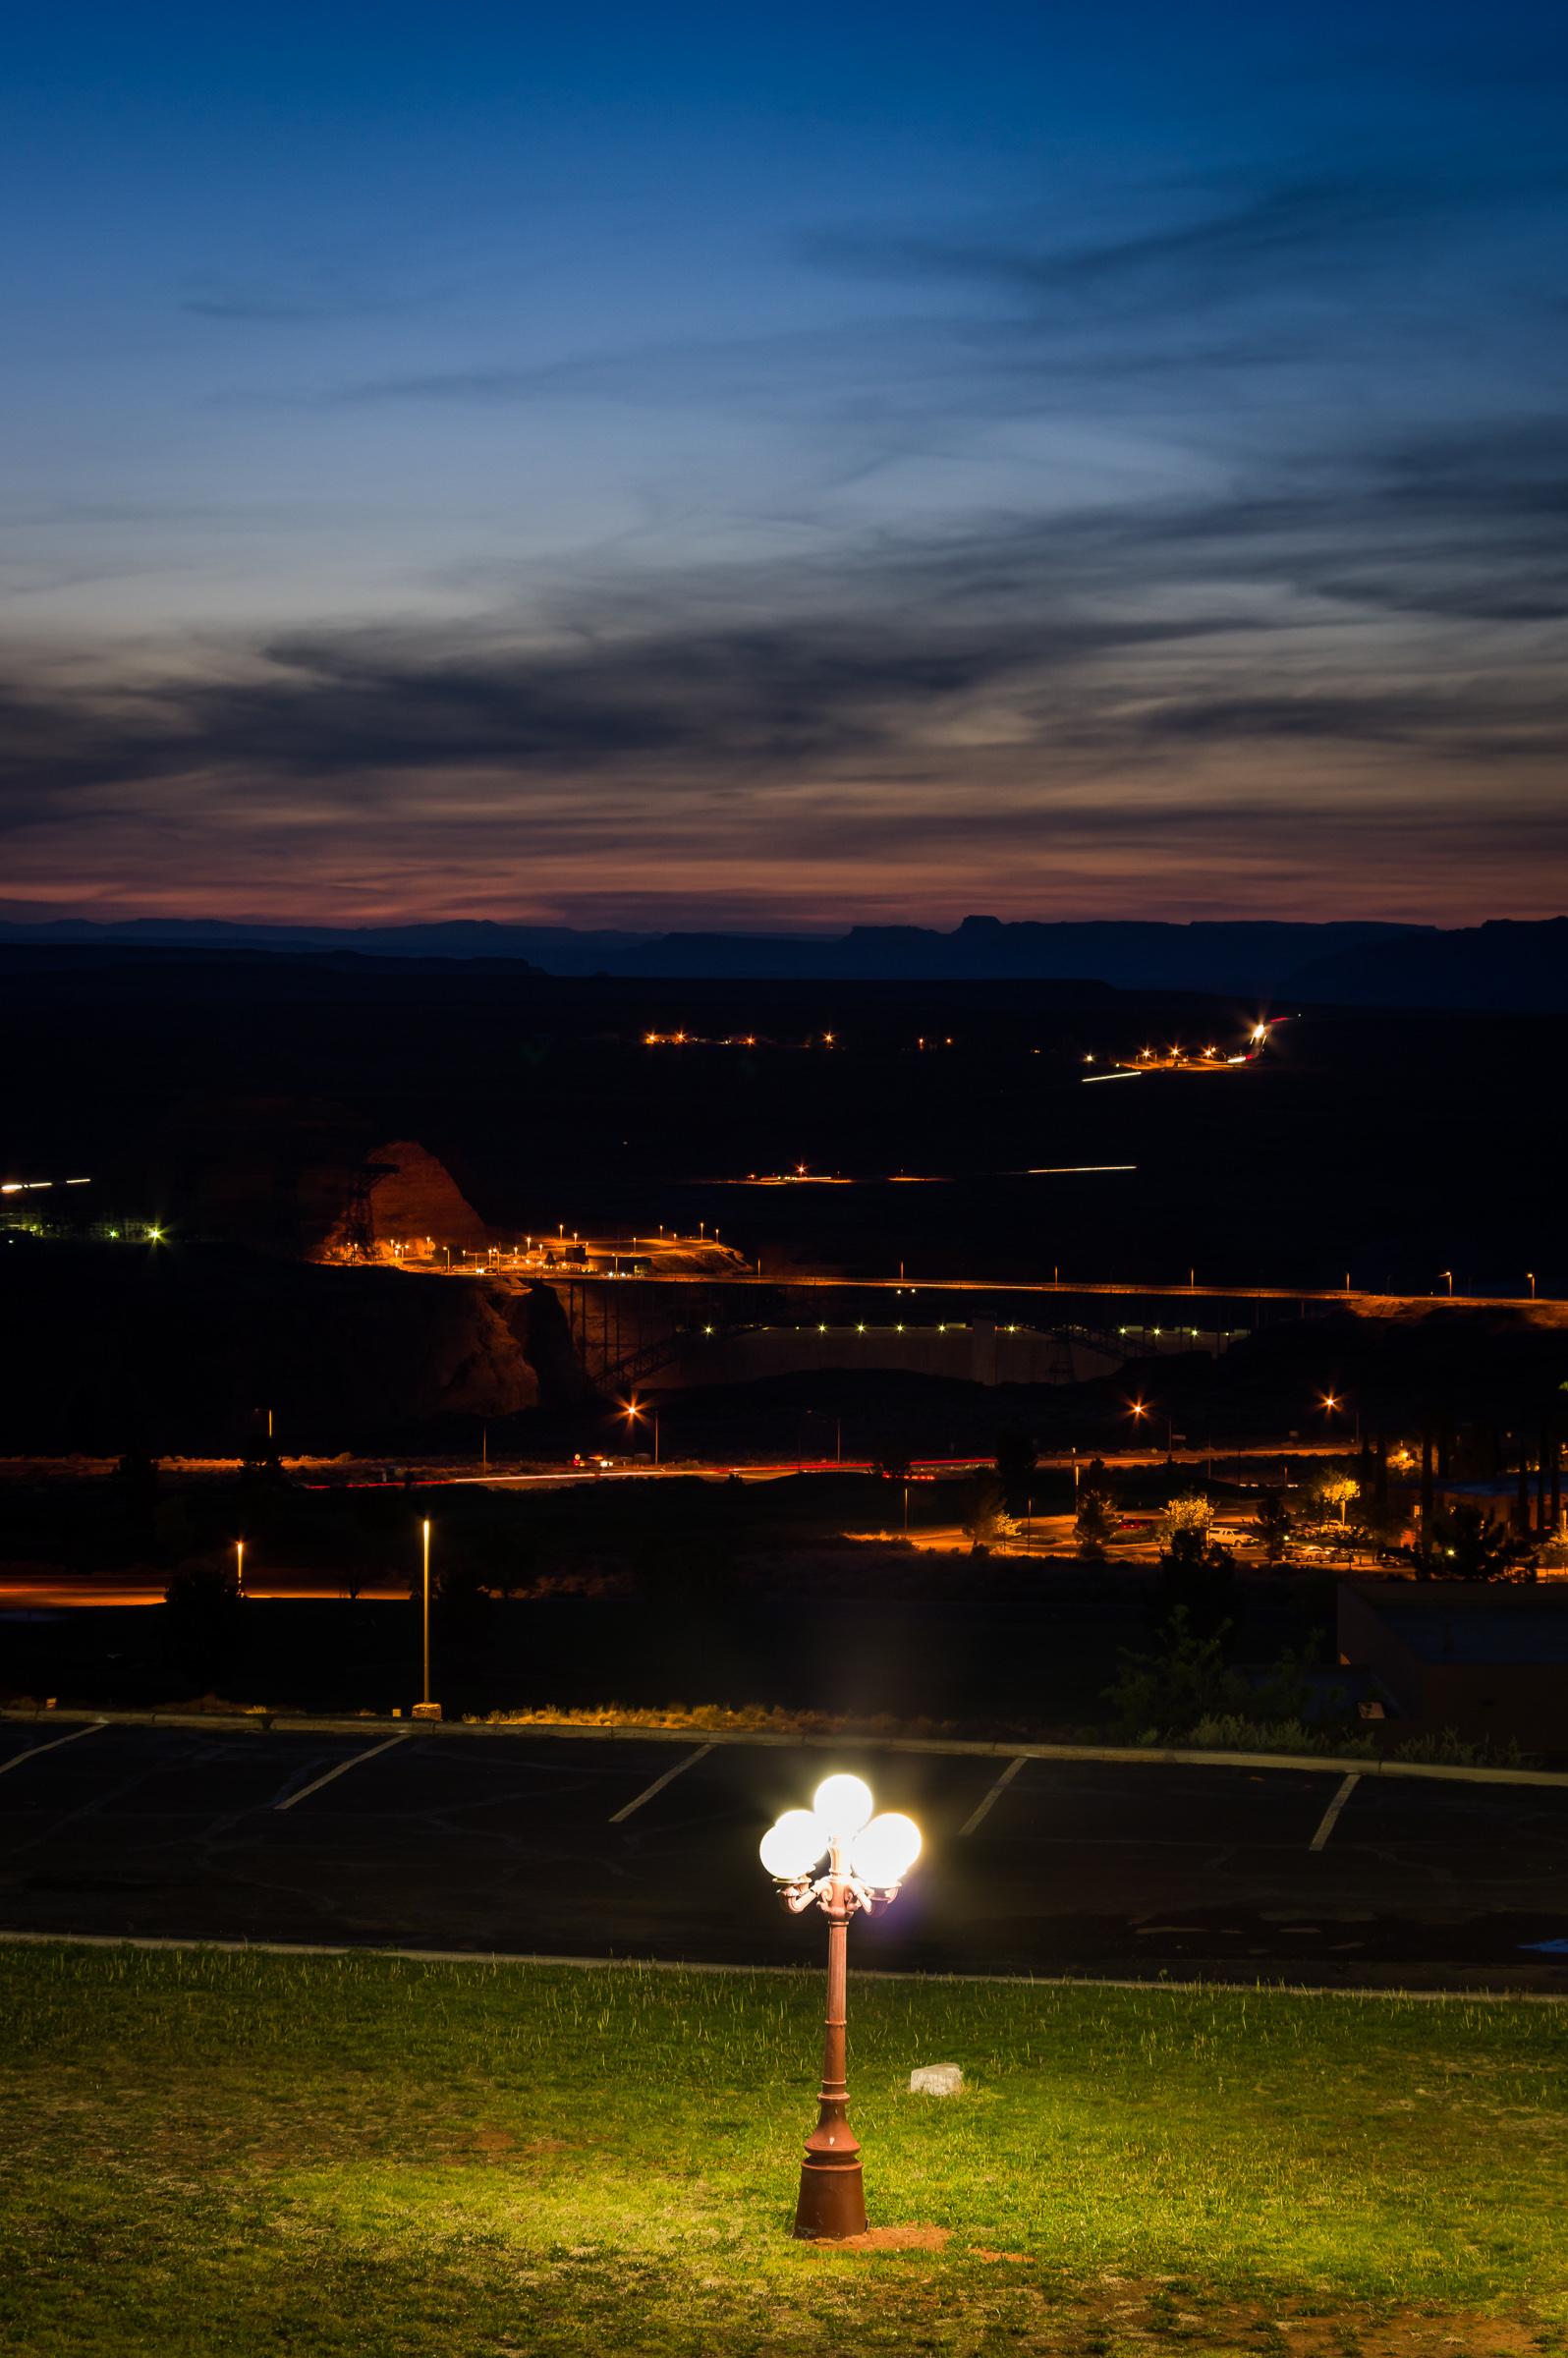 Der Blick vom Balkon auf den Staudamm im Abendrot.